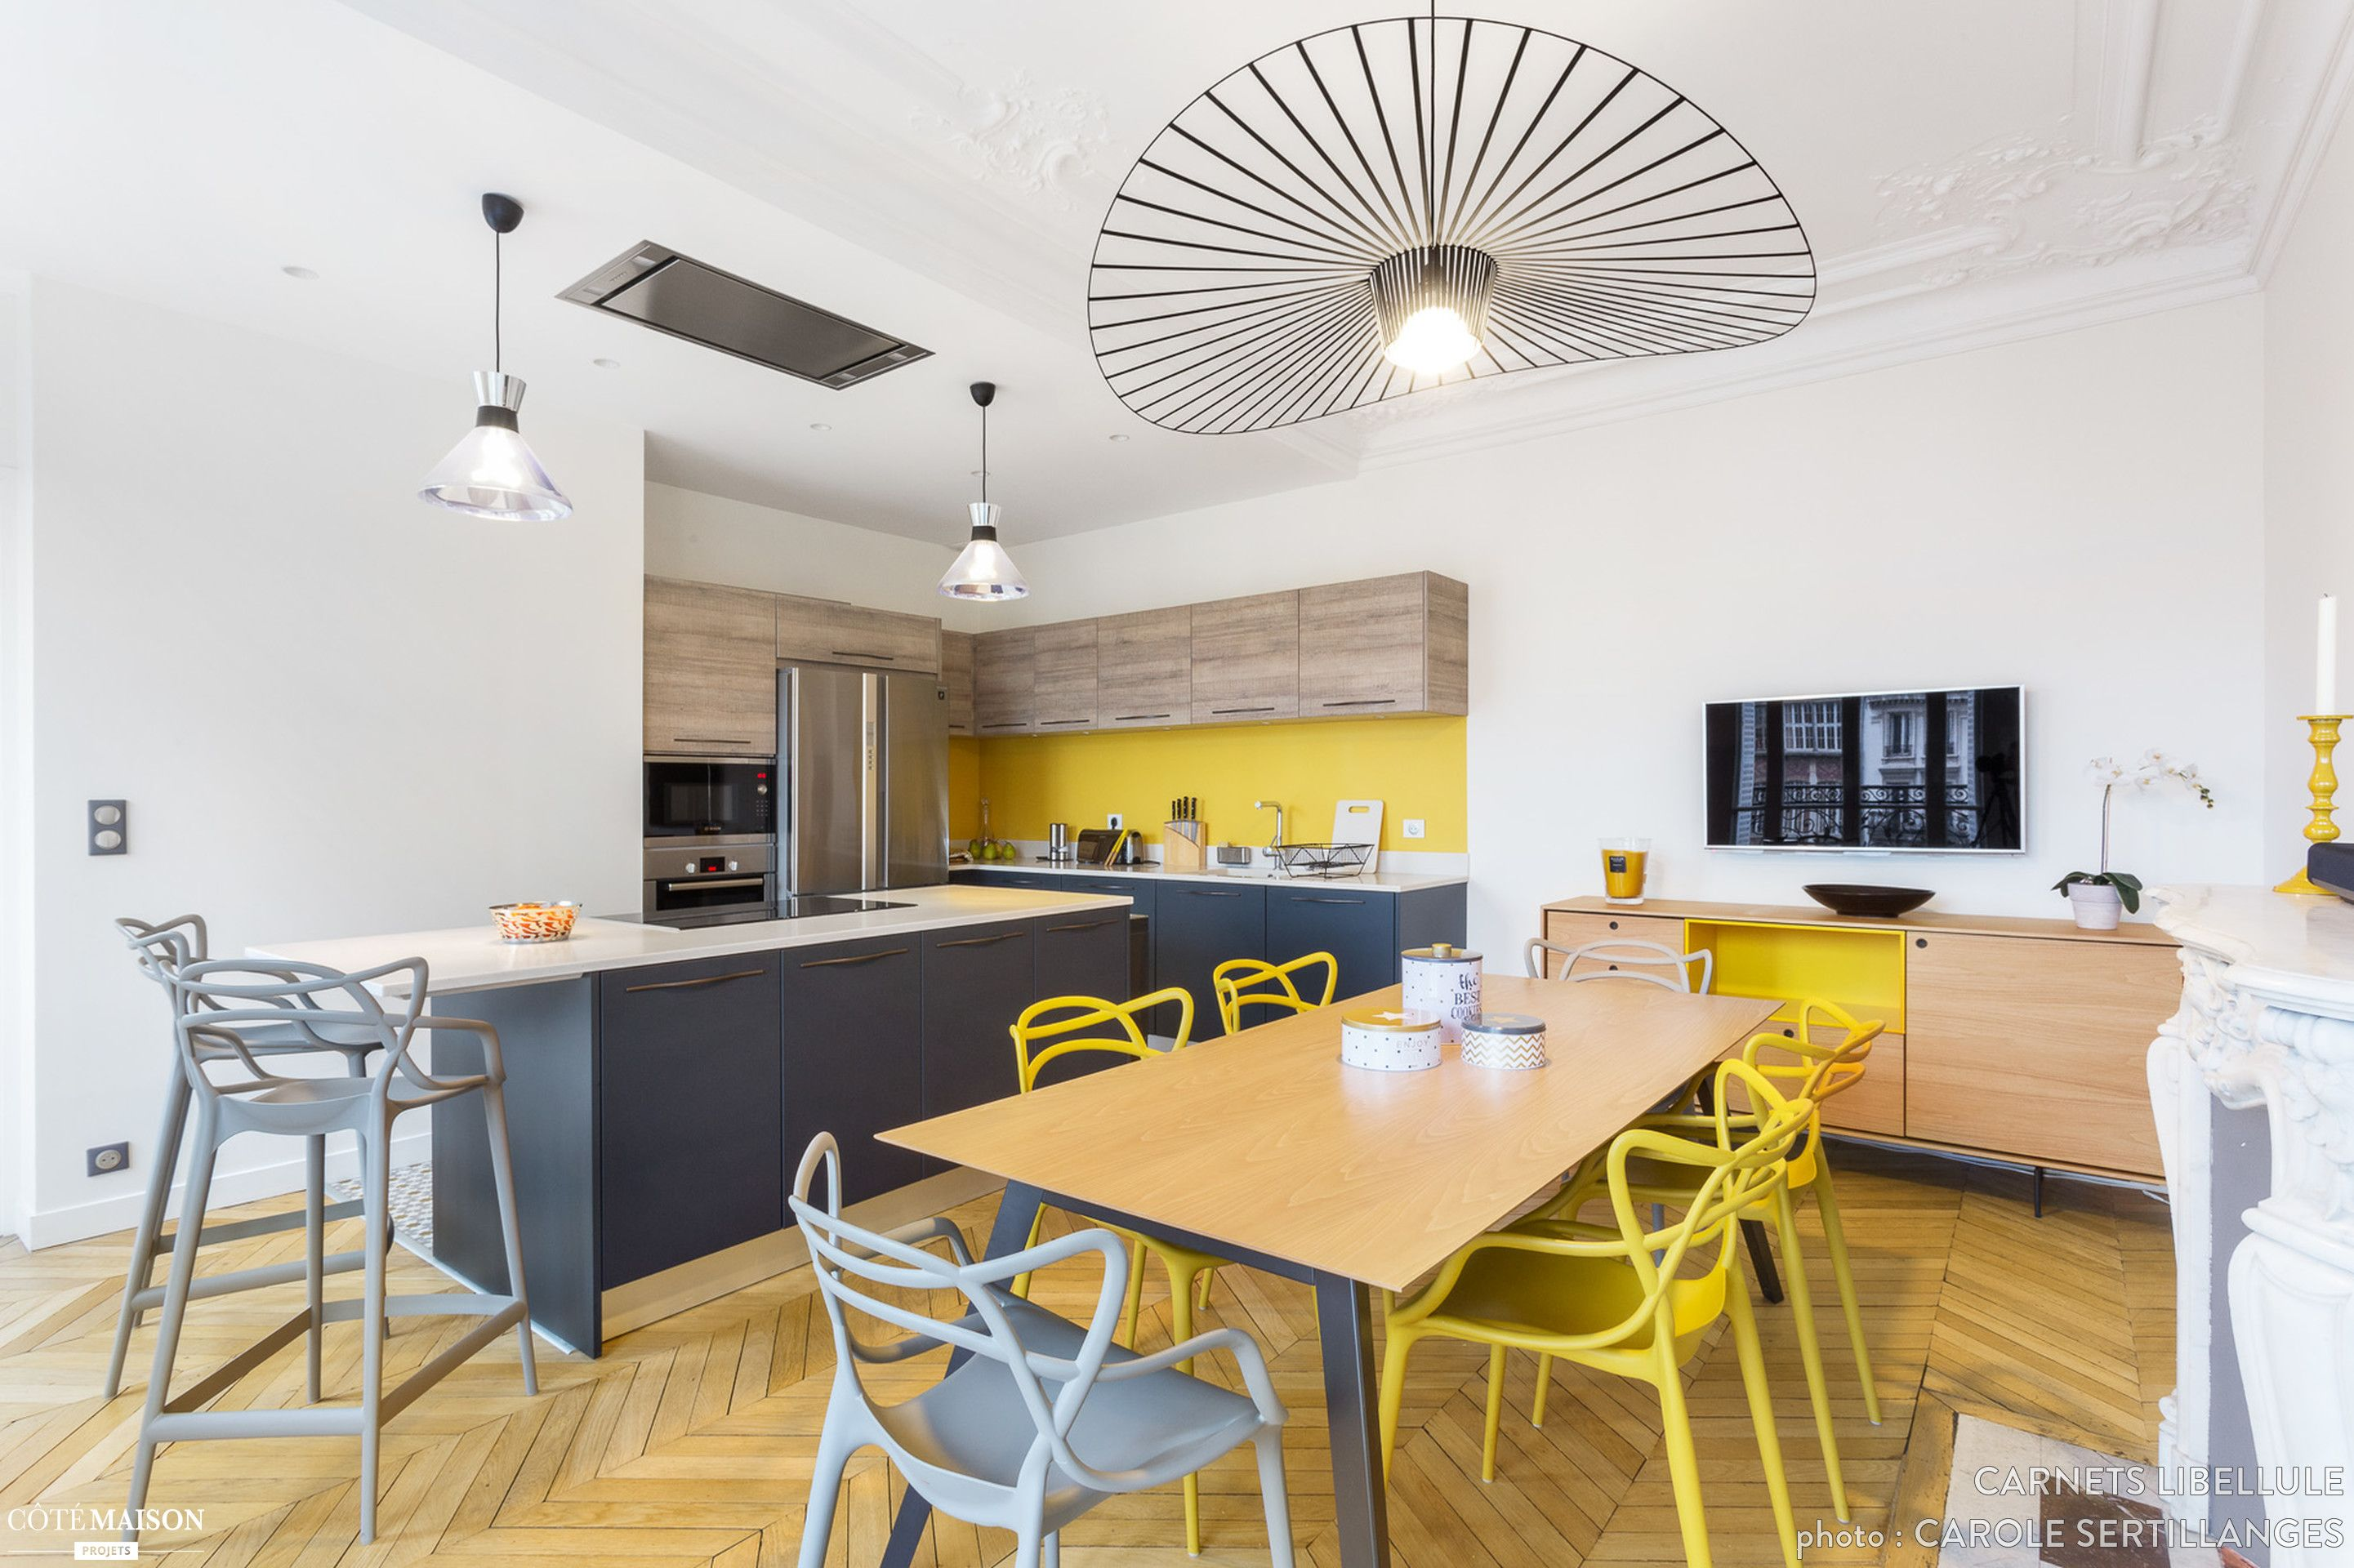 Cuisine Moderne Dans Un Appartement Haussmannien Paris Coralie - Deco haussmannien moderne pour idees de deco de cuisine